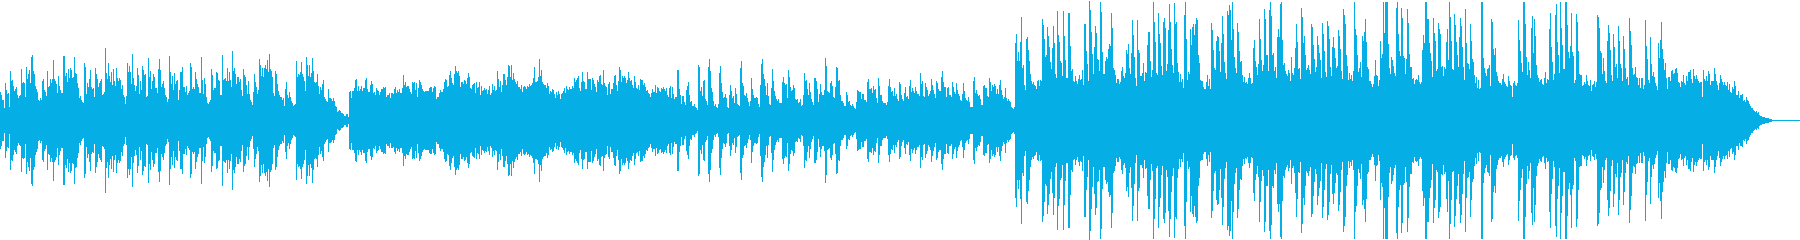 オルゴールとピアノで紡ぐ子を守る歌の再生済みの波形